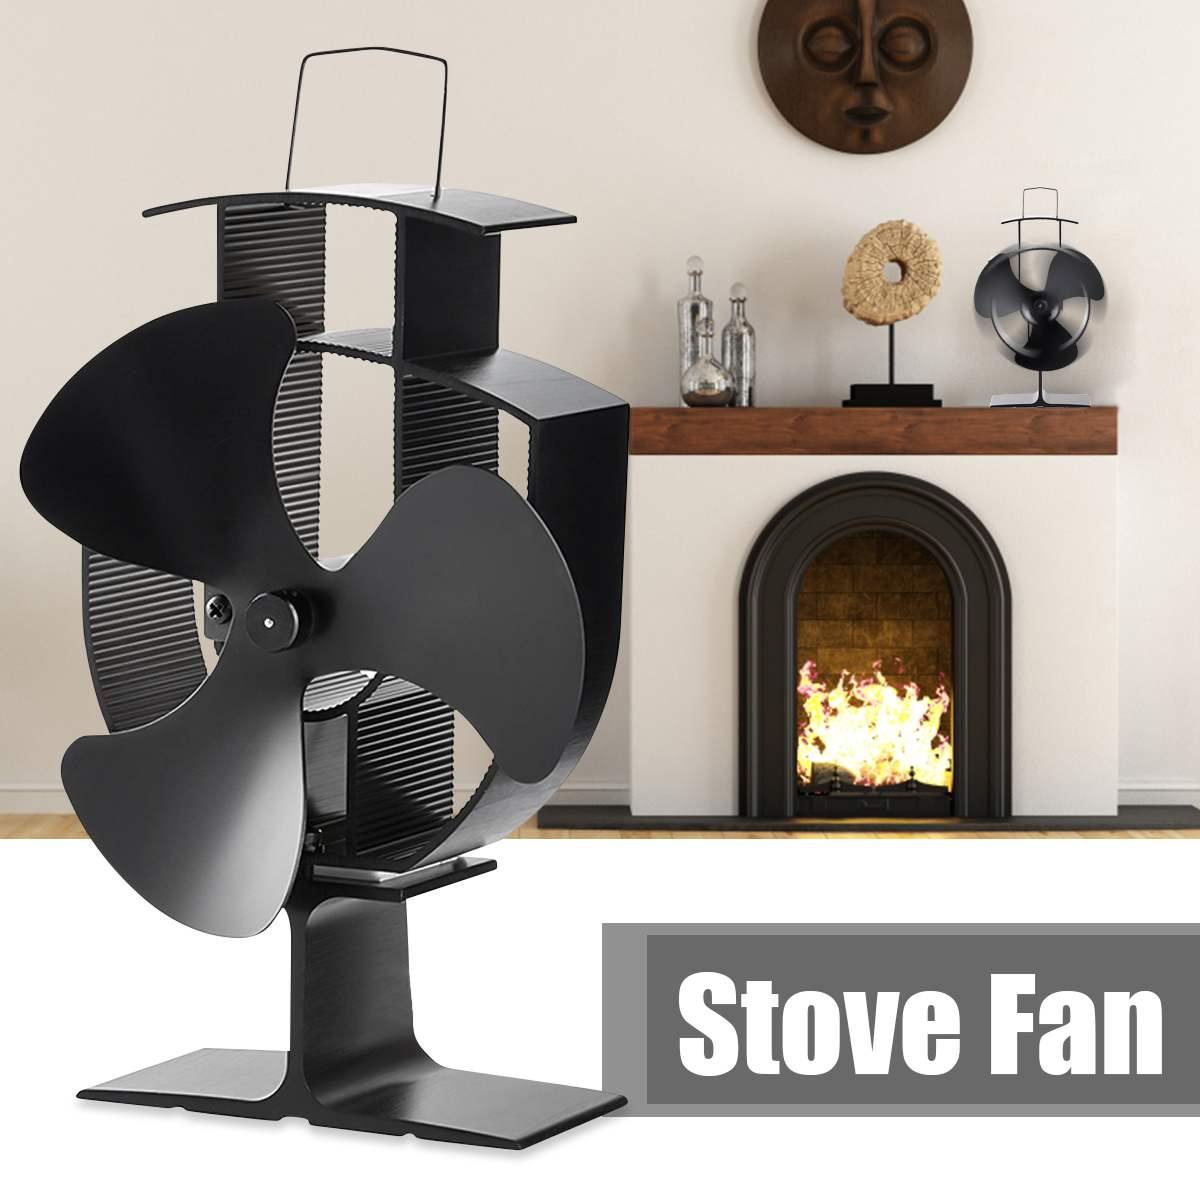 3 Лопасти теплового вентилятора печи дровяной вентилятор печи для древесины/горелки журнала/камина-Эко-дружелюбный